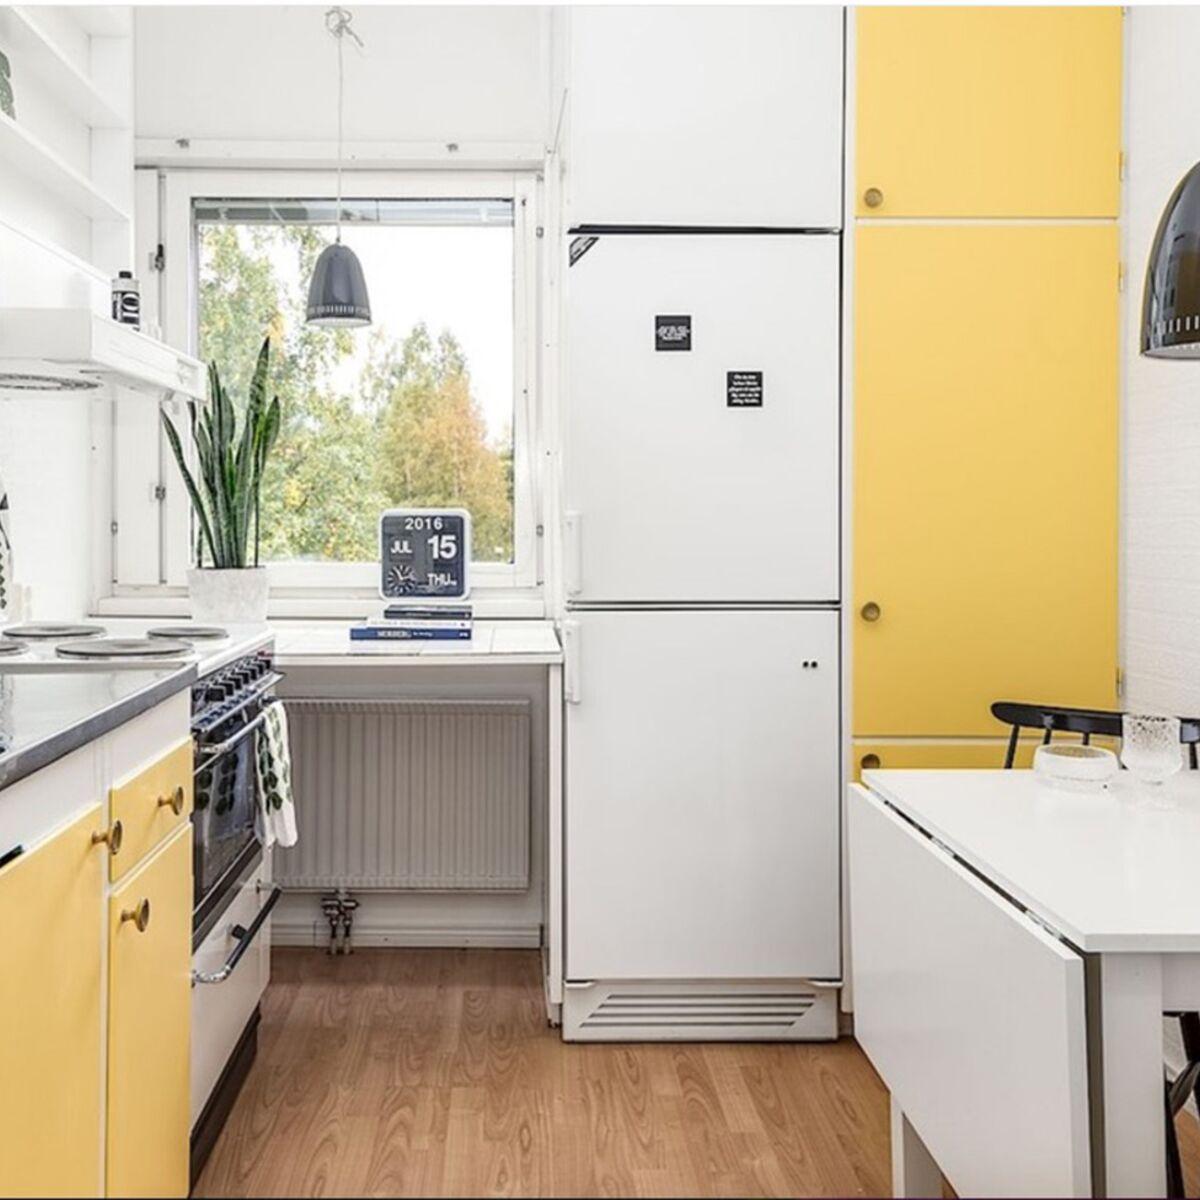 Petites Cuisines Sur Mesure un coin repas modulable dans une petite cuisine : femme